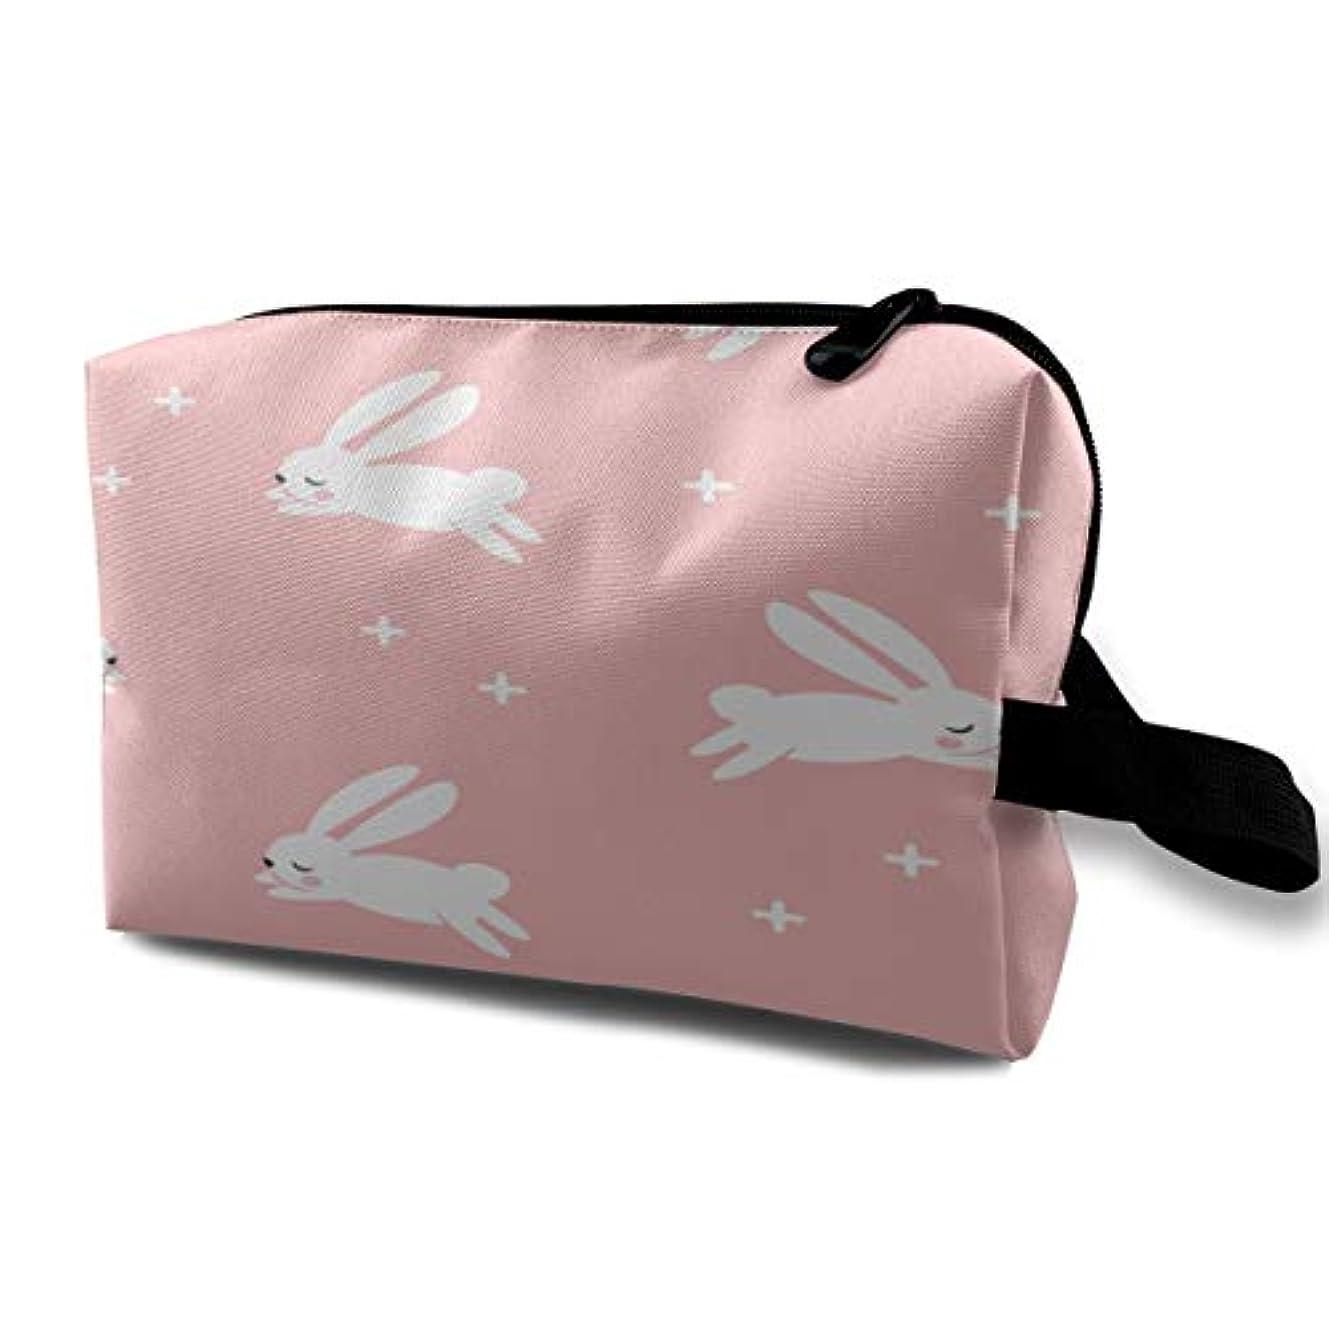 あなたのもの電気技師刑務所Bunnies Little Arrow Modern Pink Easter Rabbit 収納ポーチ 化粧ポーチ 大容量 軽量 耐久性 ハンドル付持ち運び便利。入れ 自宅?出張?旅行?アウトドア撮影などに対応。メンズ...